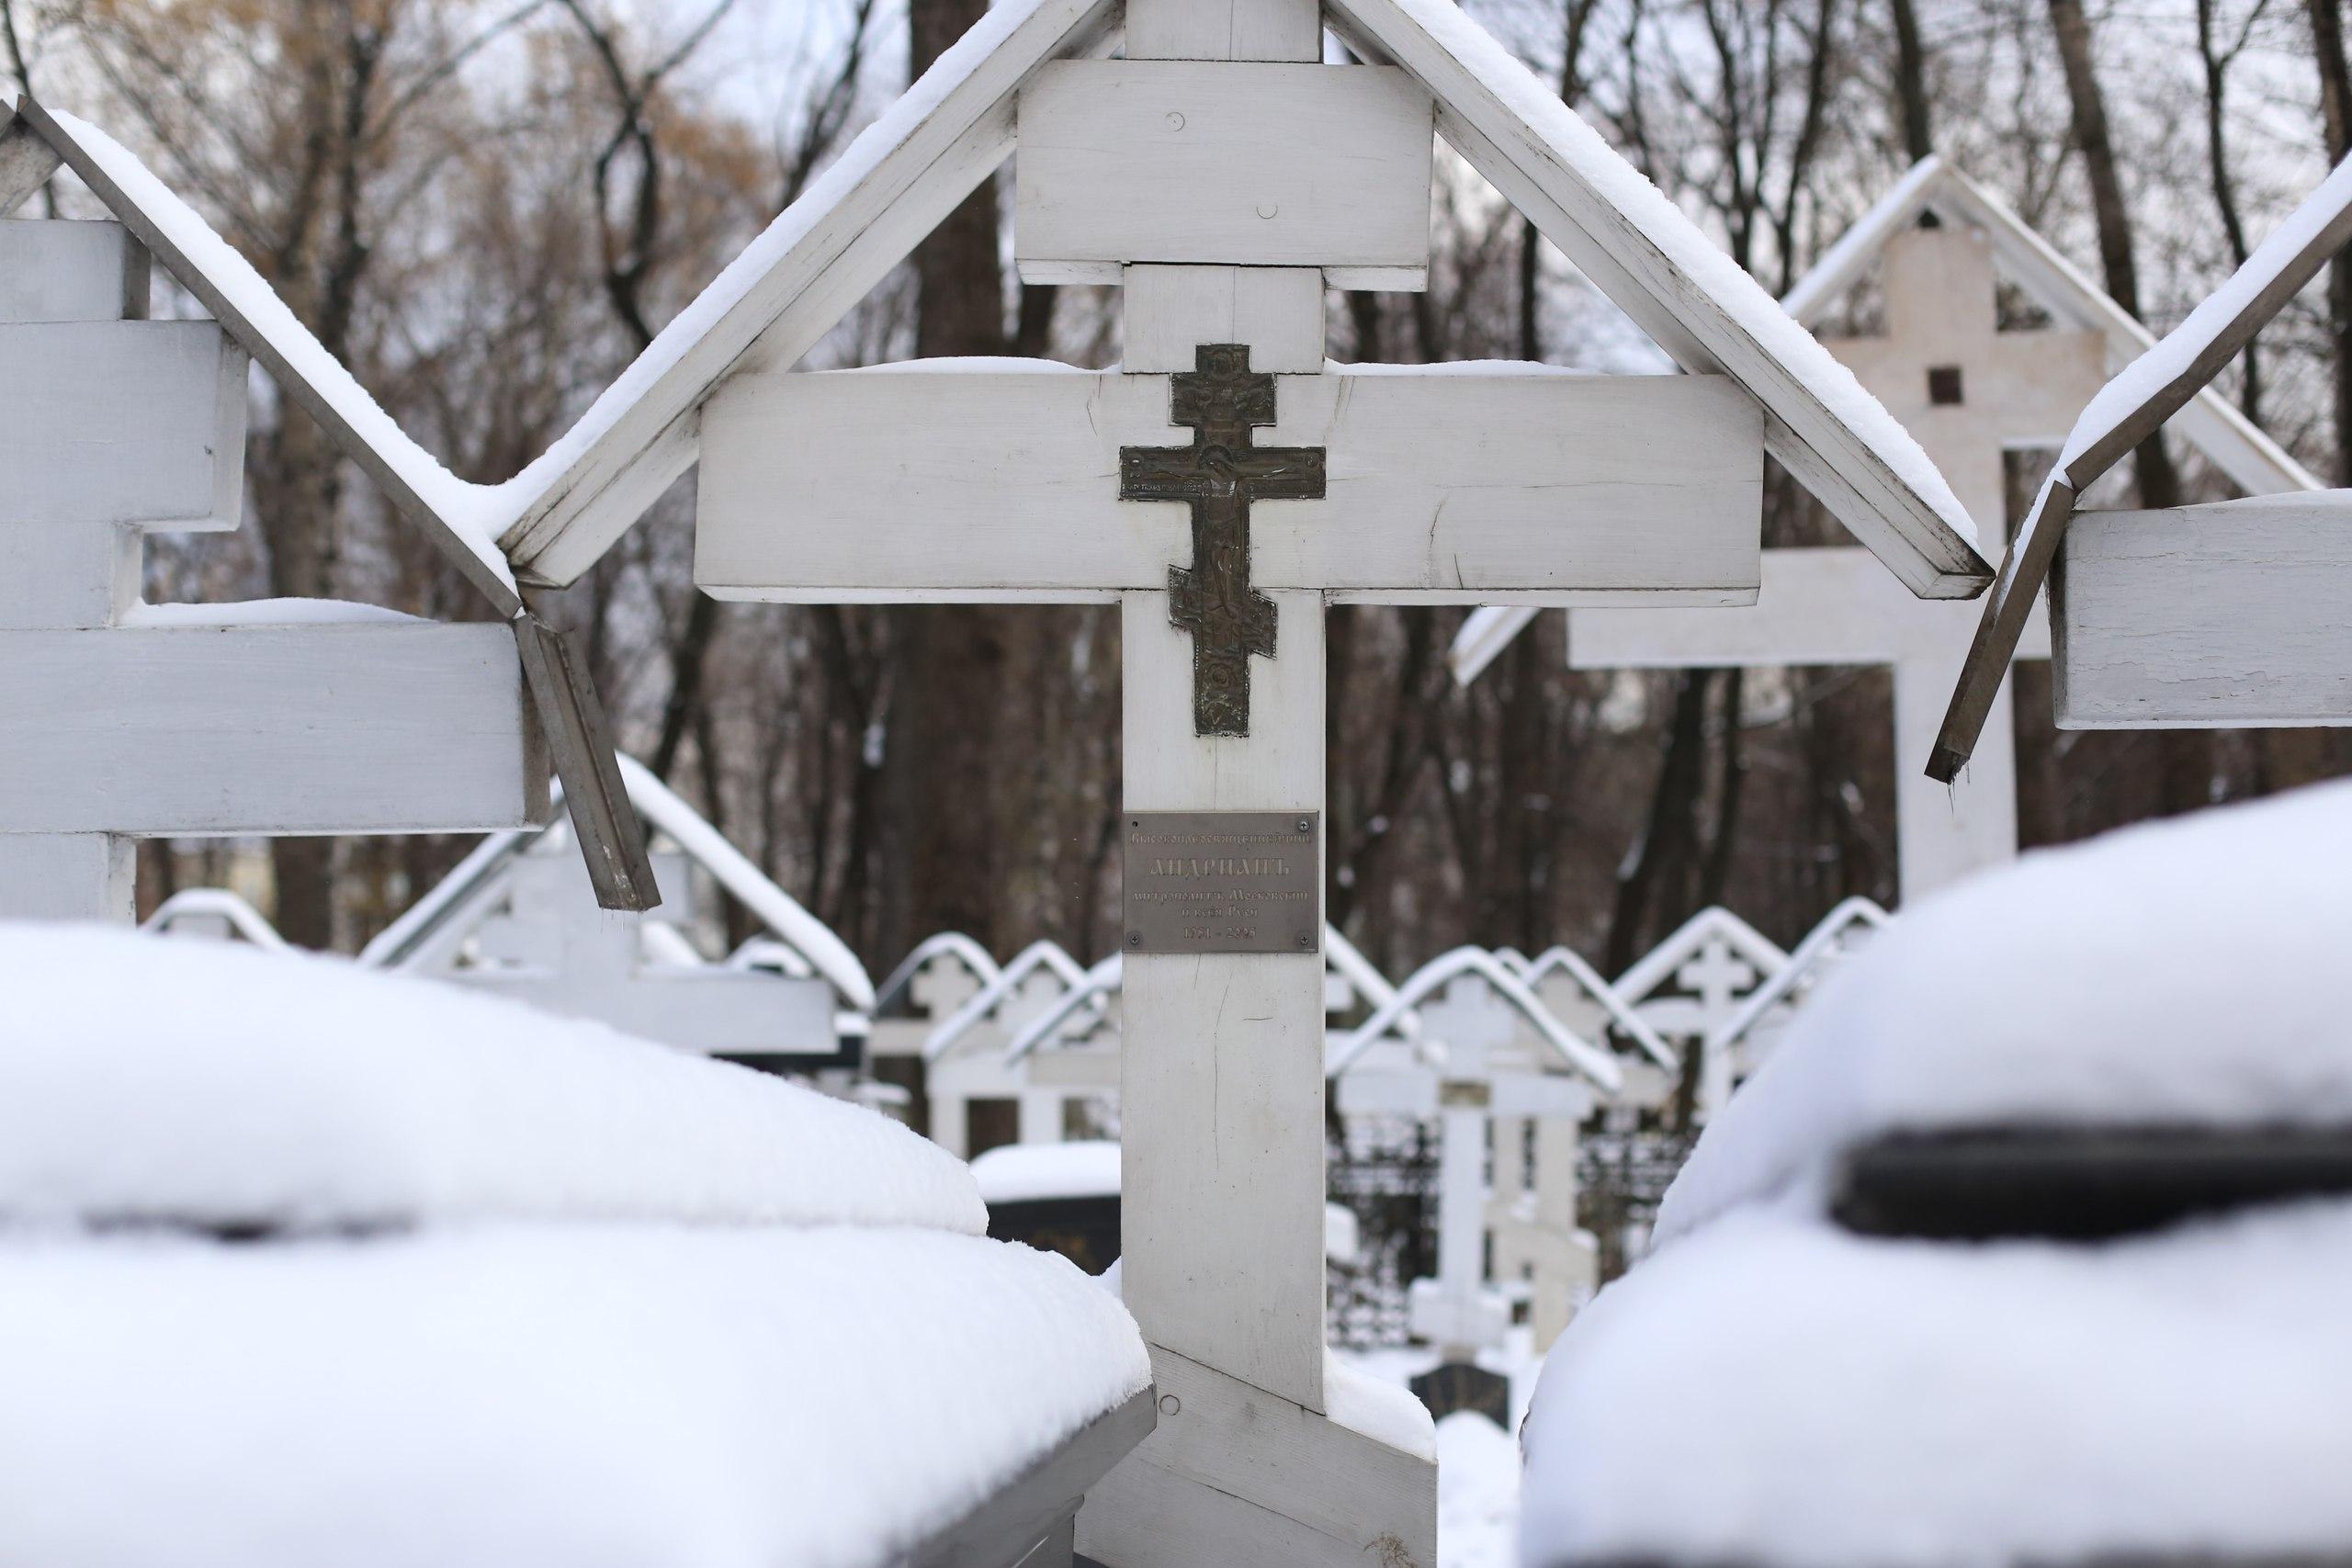 Родители, память, сорокоуст, панихида, кладбище, поминовение, храм, РПЦ, молитва, великий пост, Троицкая родительская суббота, РПСЦ, старообрядцы, молитва о здравии, молитва за упокой, вера, память, девять дней, сорок дней, православный календарь, дань памяти умершим, Вселенская родительская суббота, Радоница, Радуница